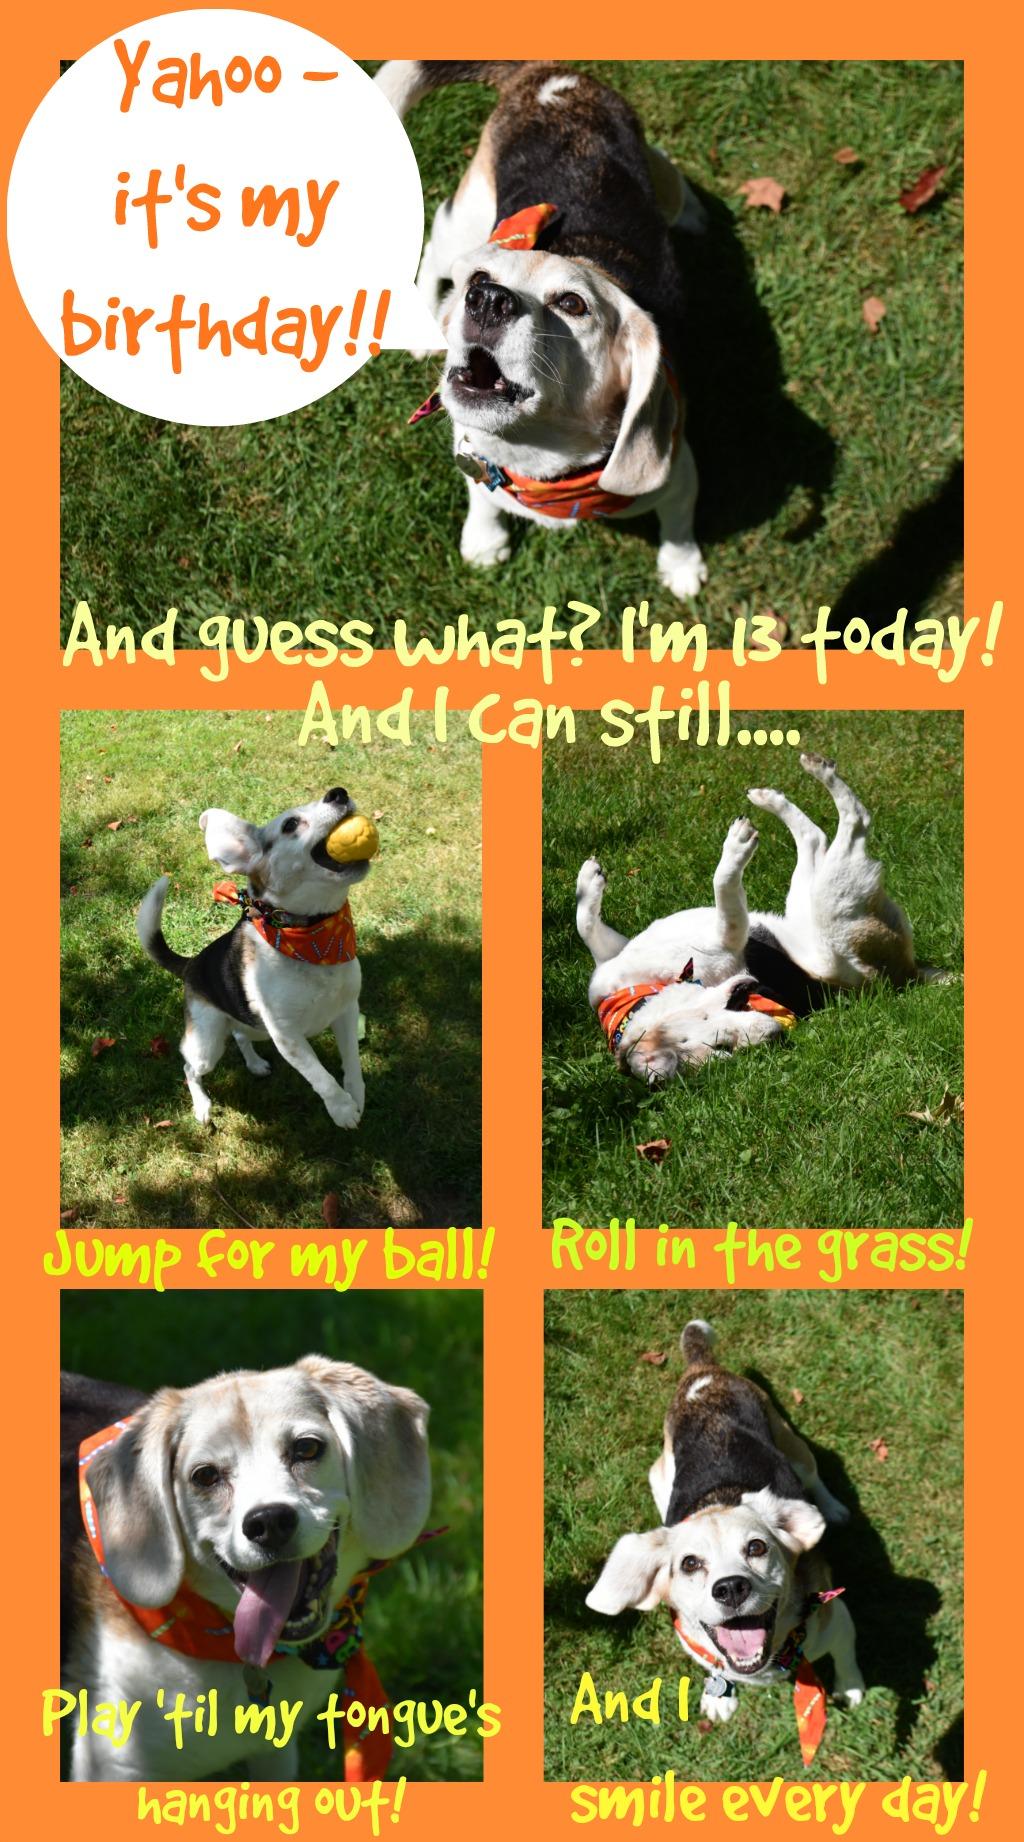 Yahoo! It's a Beagle Birthday!